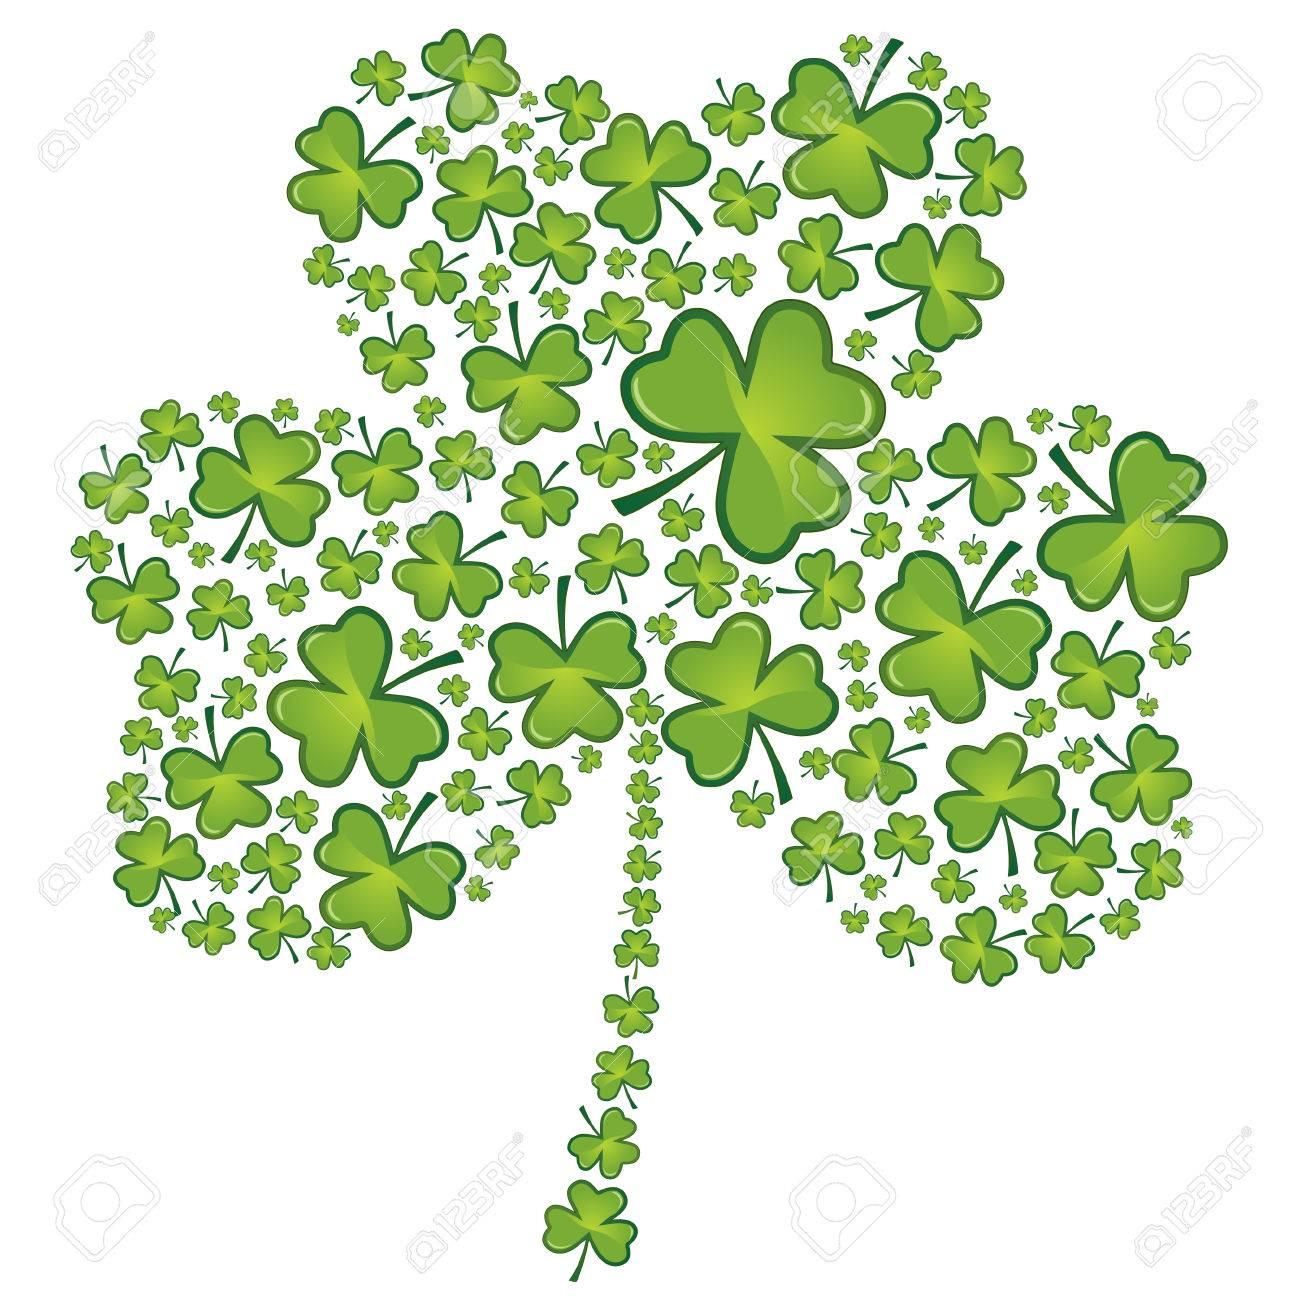 St Patricku0027s day shamrock pattern Stock Vector - 4315438